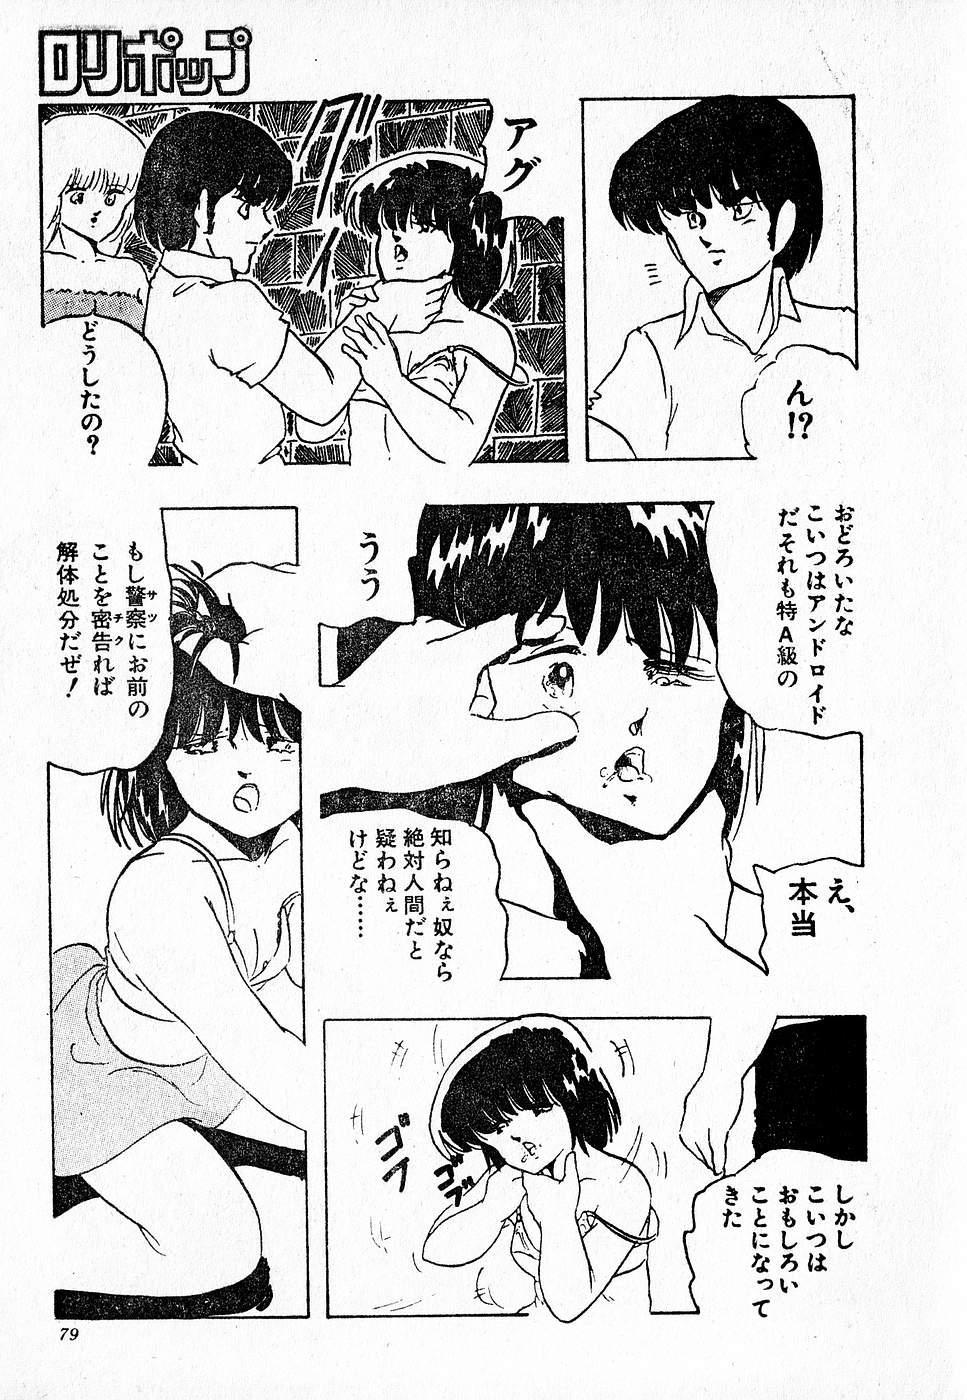 COMIC Lolipop 1985-10 Soukanjunbigou Aki 78